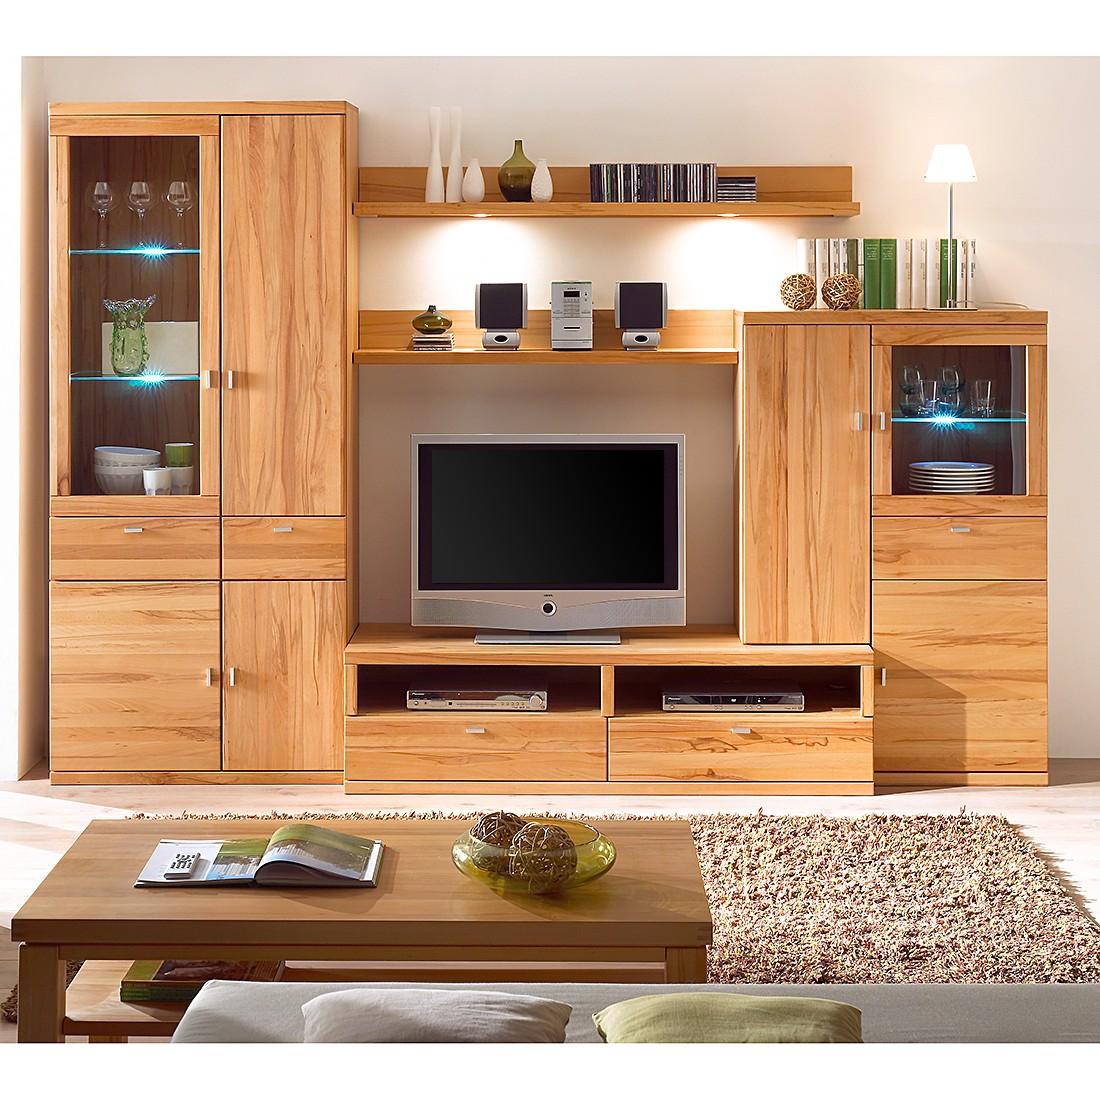 wohnwand monterey 5 teilig kernbuche teilmassiv ge lt gewachst wohnwand 5 teilig. Black Bedroom Furniture Sets. Home Design Ideas